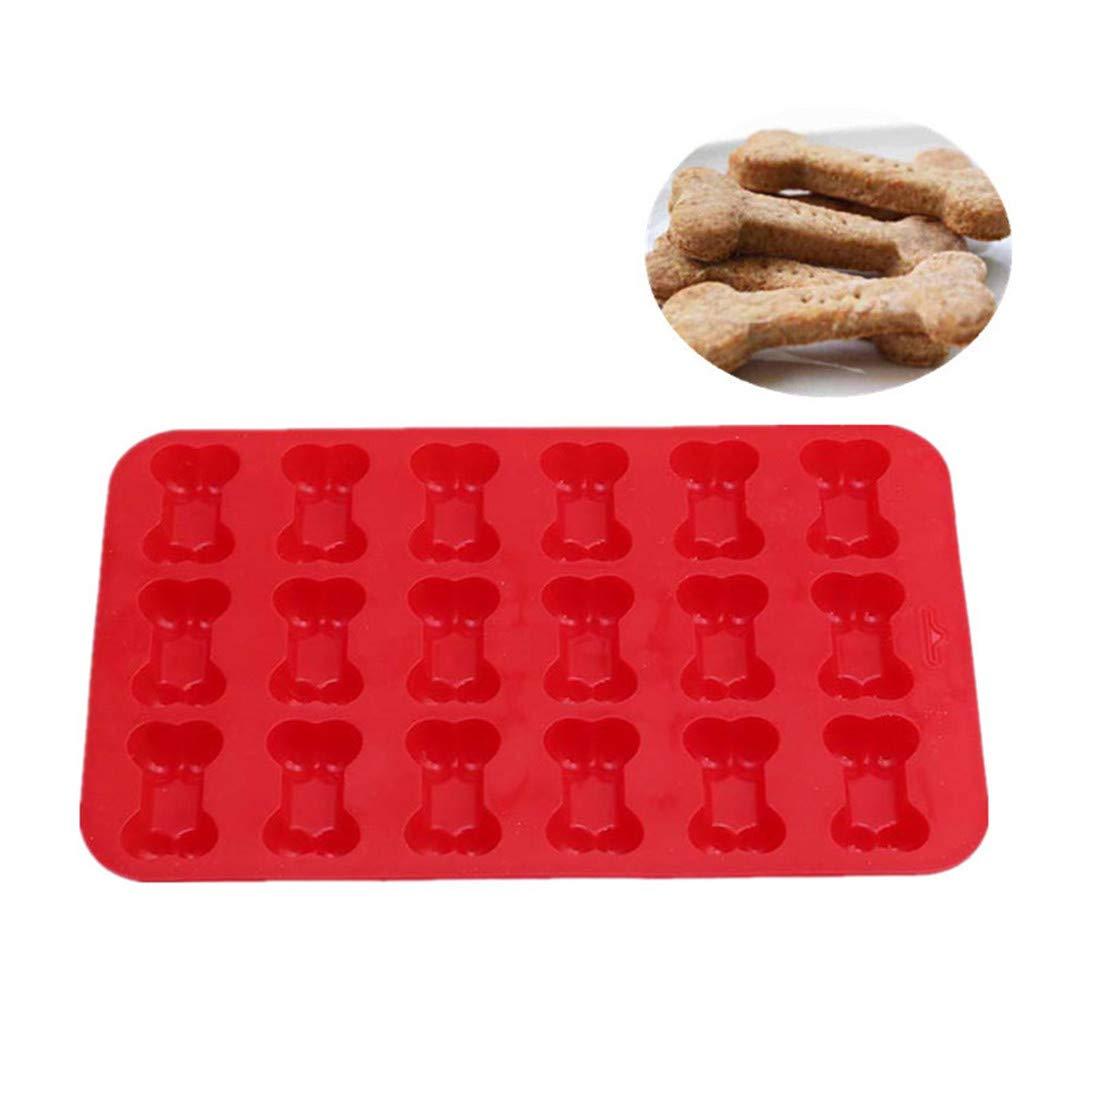 Yingwei 18 Hohlraum Creative Keks Kuchenform Hund Knochen Silikon Backmatte Backen W/üsten Muffins Cookies